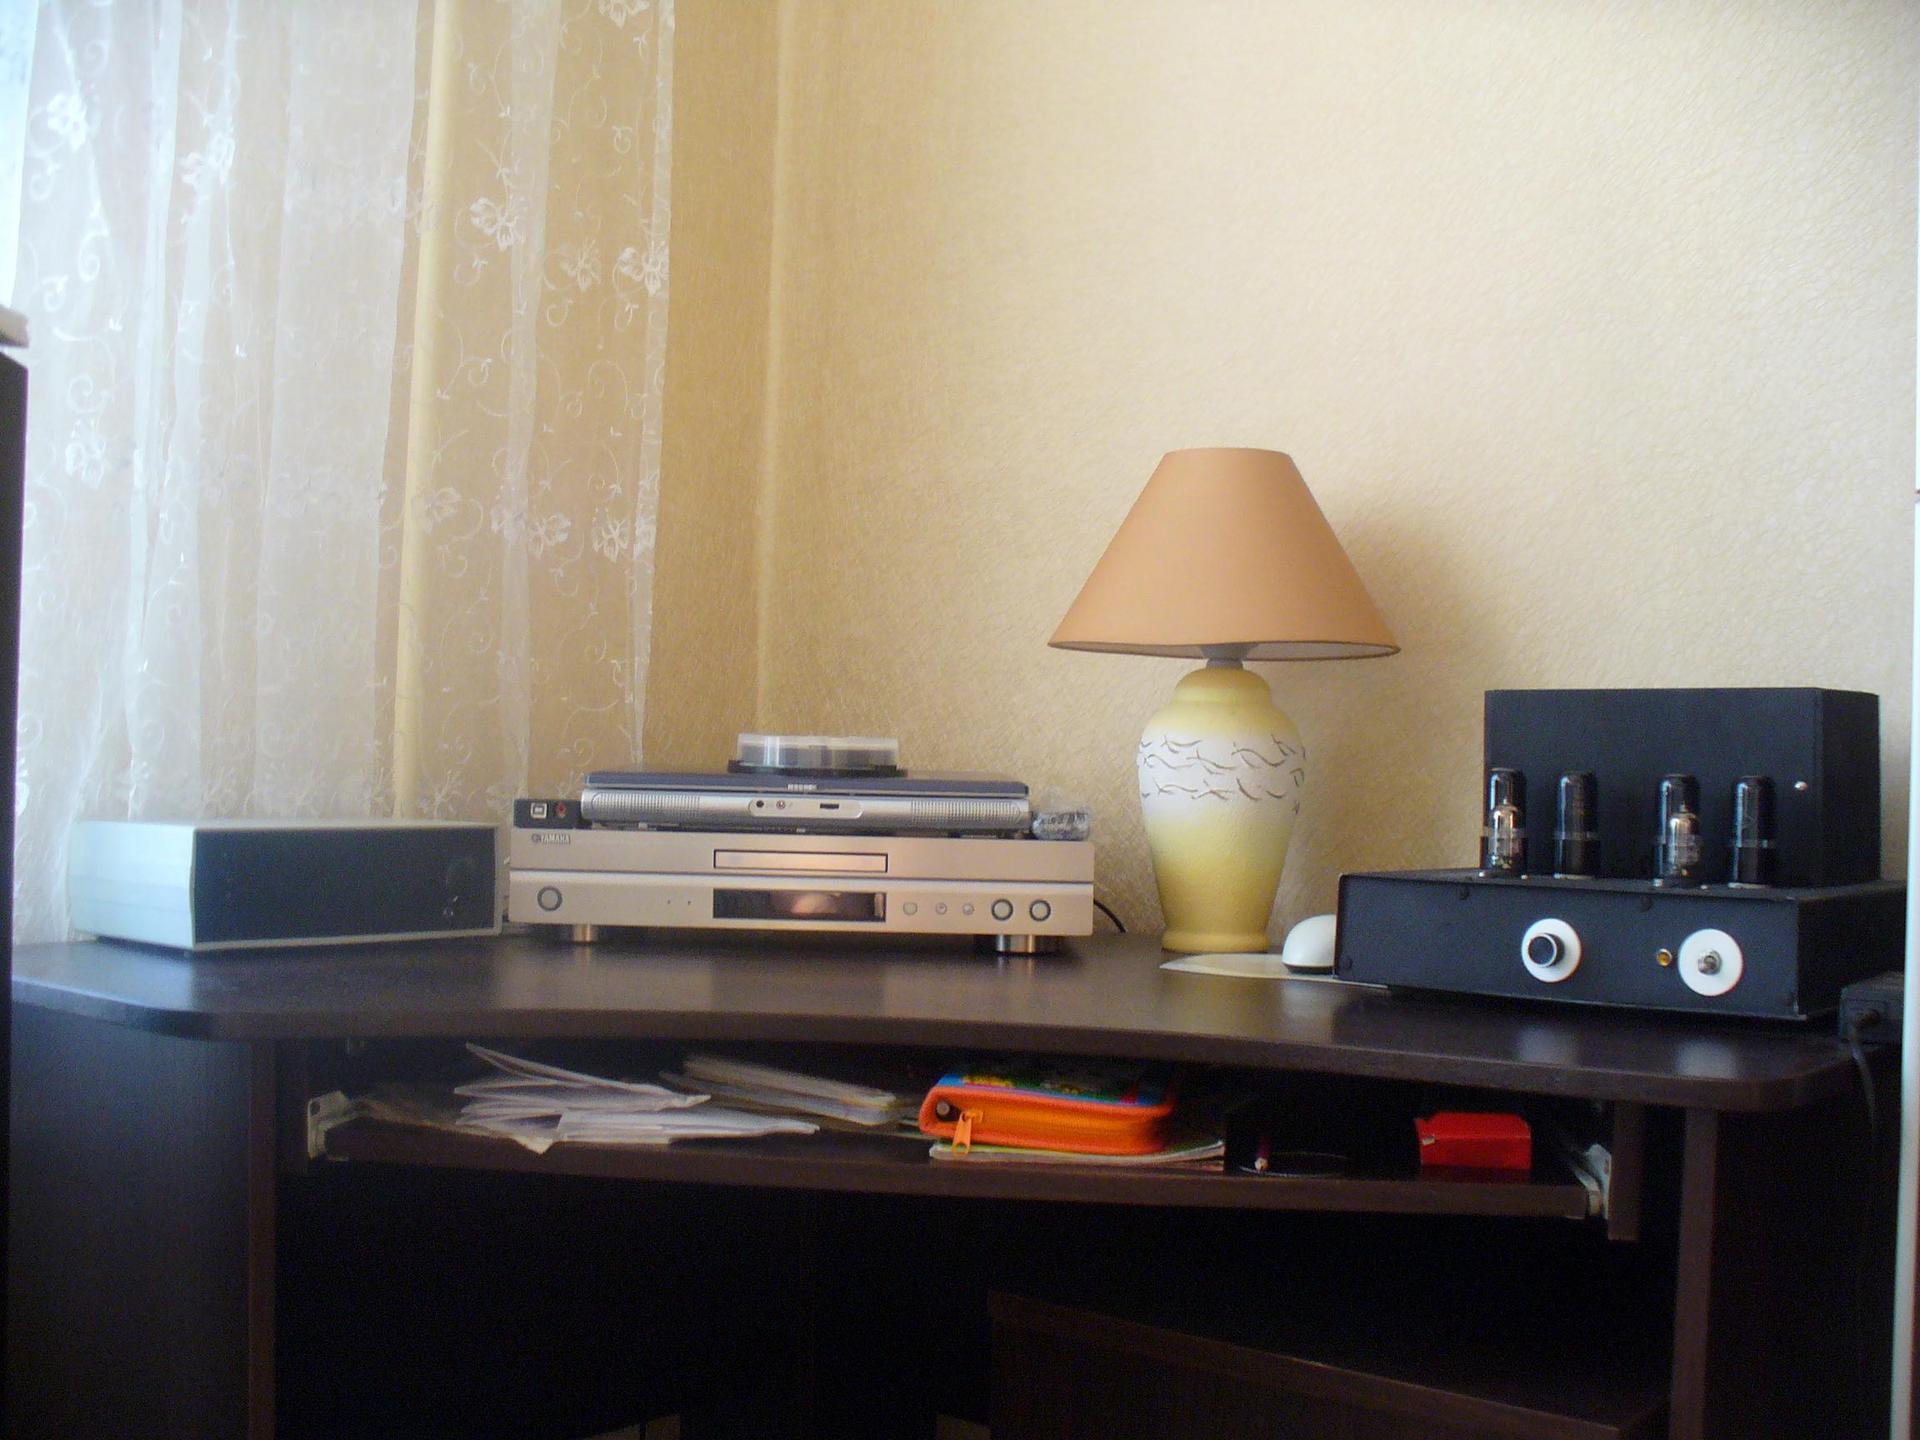 Ламповый усилитель 6н3п+6п6с : Аудио-Видео купля-продажа.